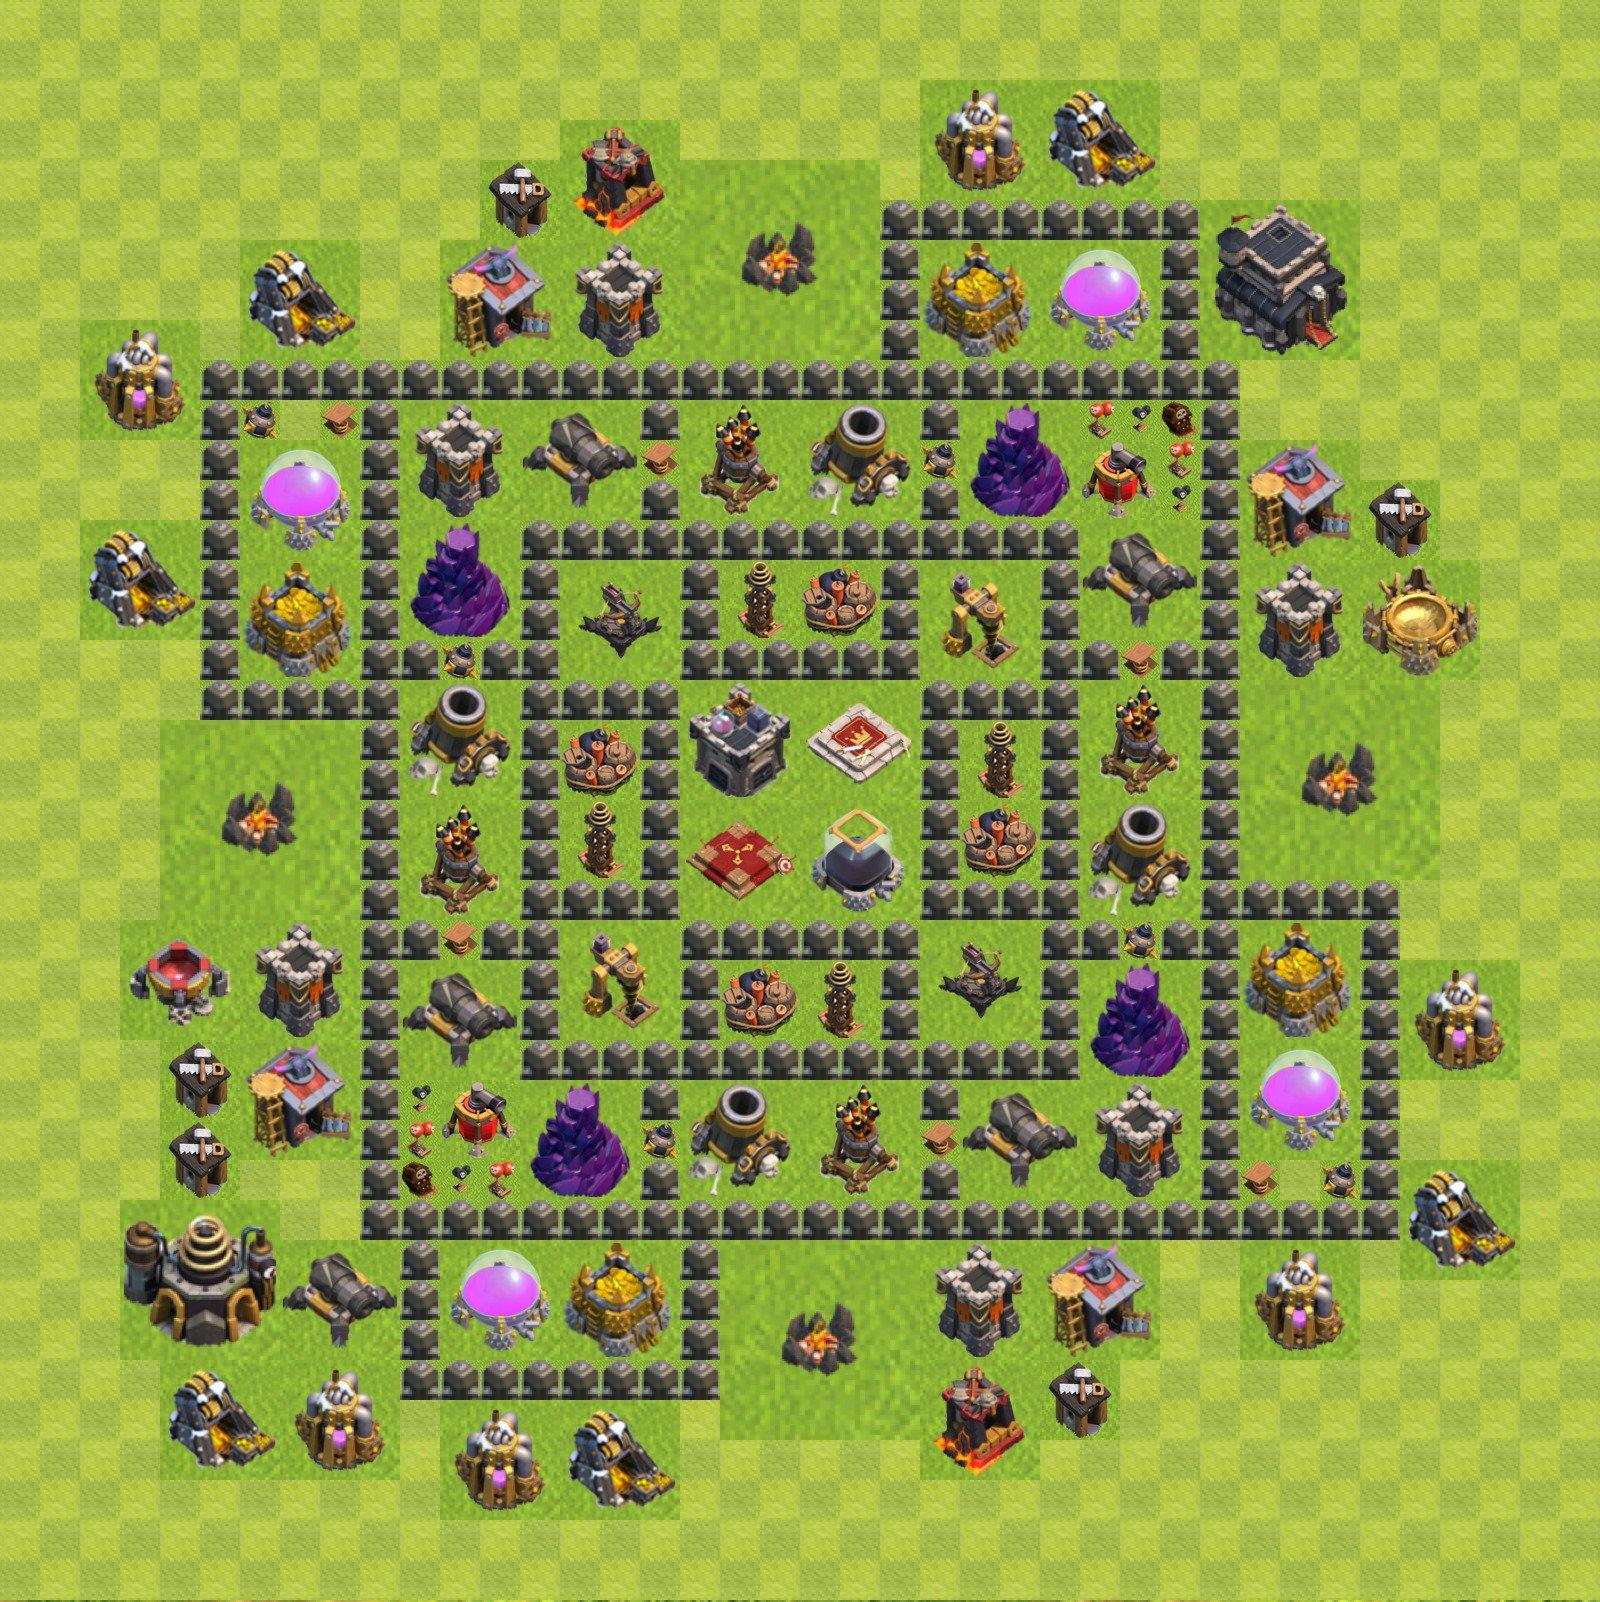 мод на майнкрафт 1.6.4 clash of clans #11